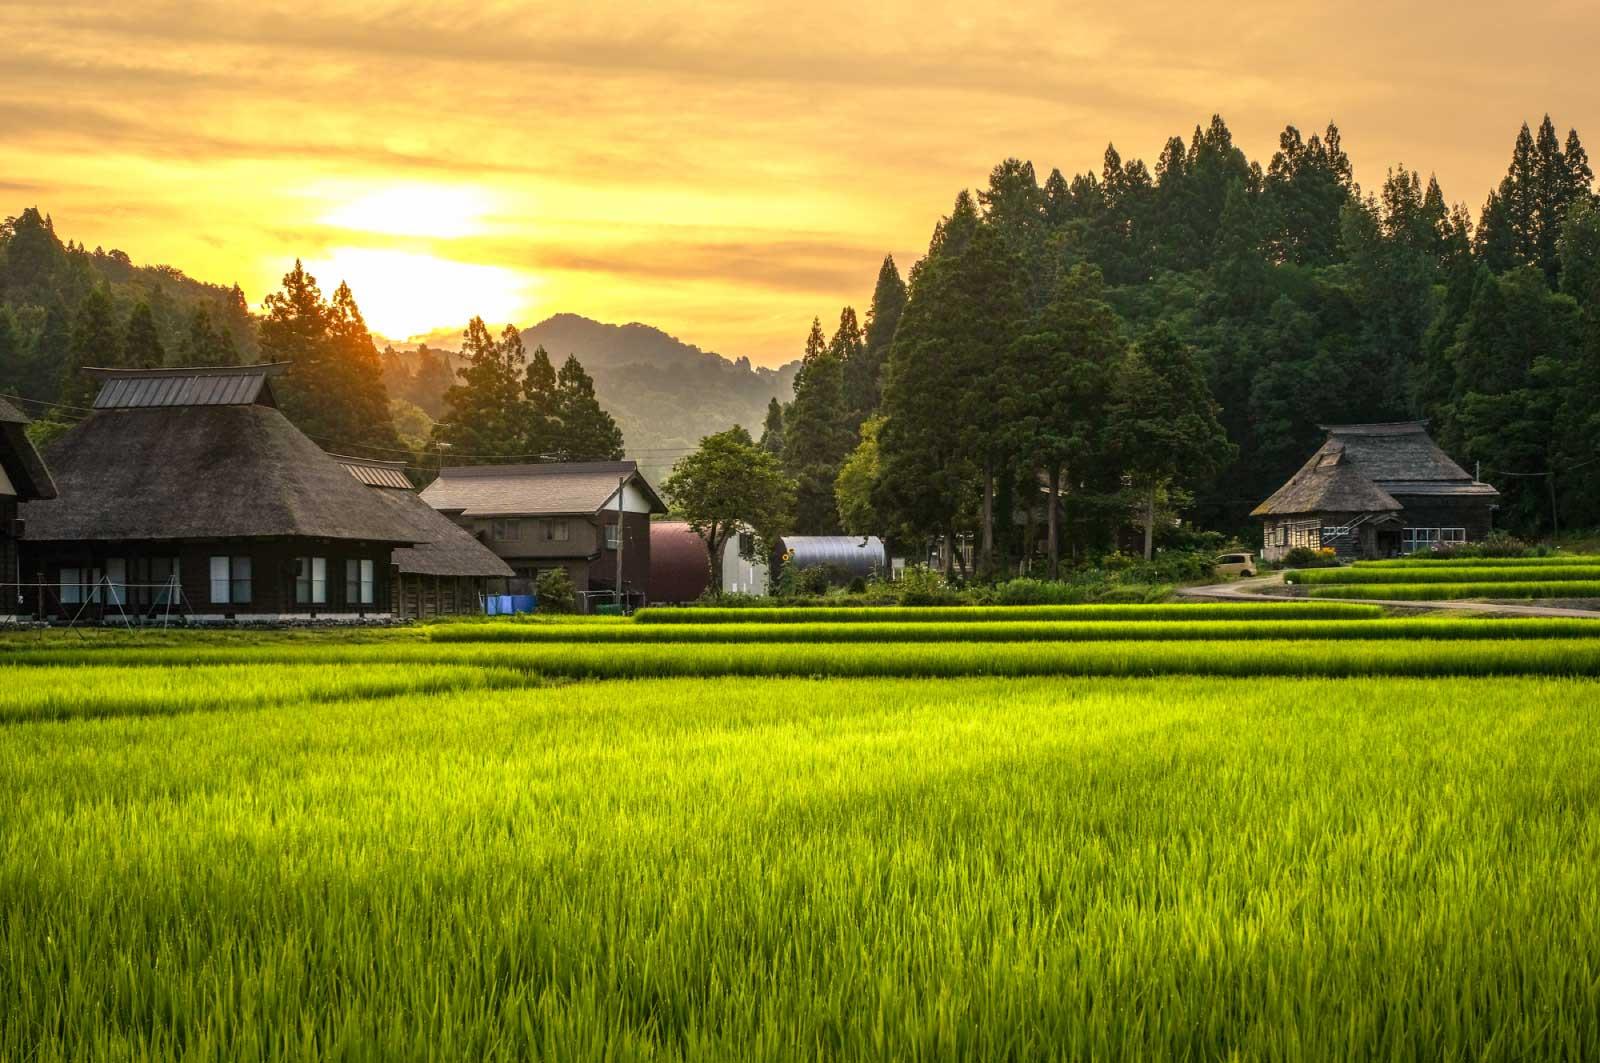 夕日が沈んでいく田んぼの風景